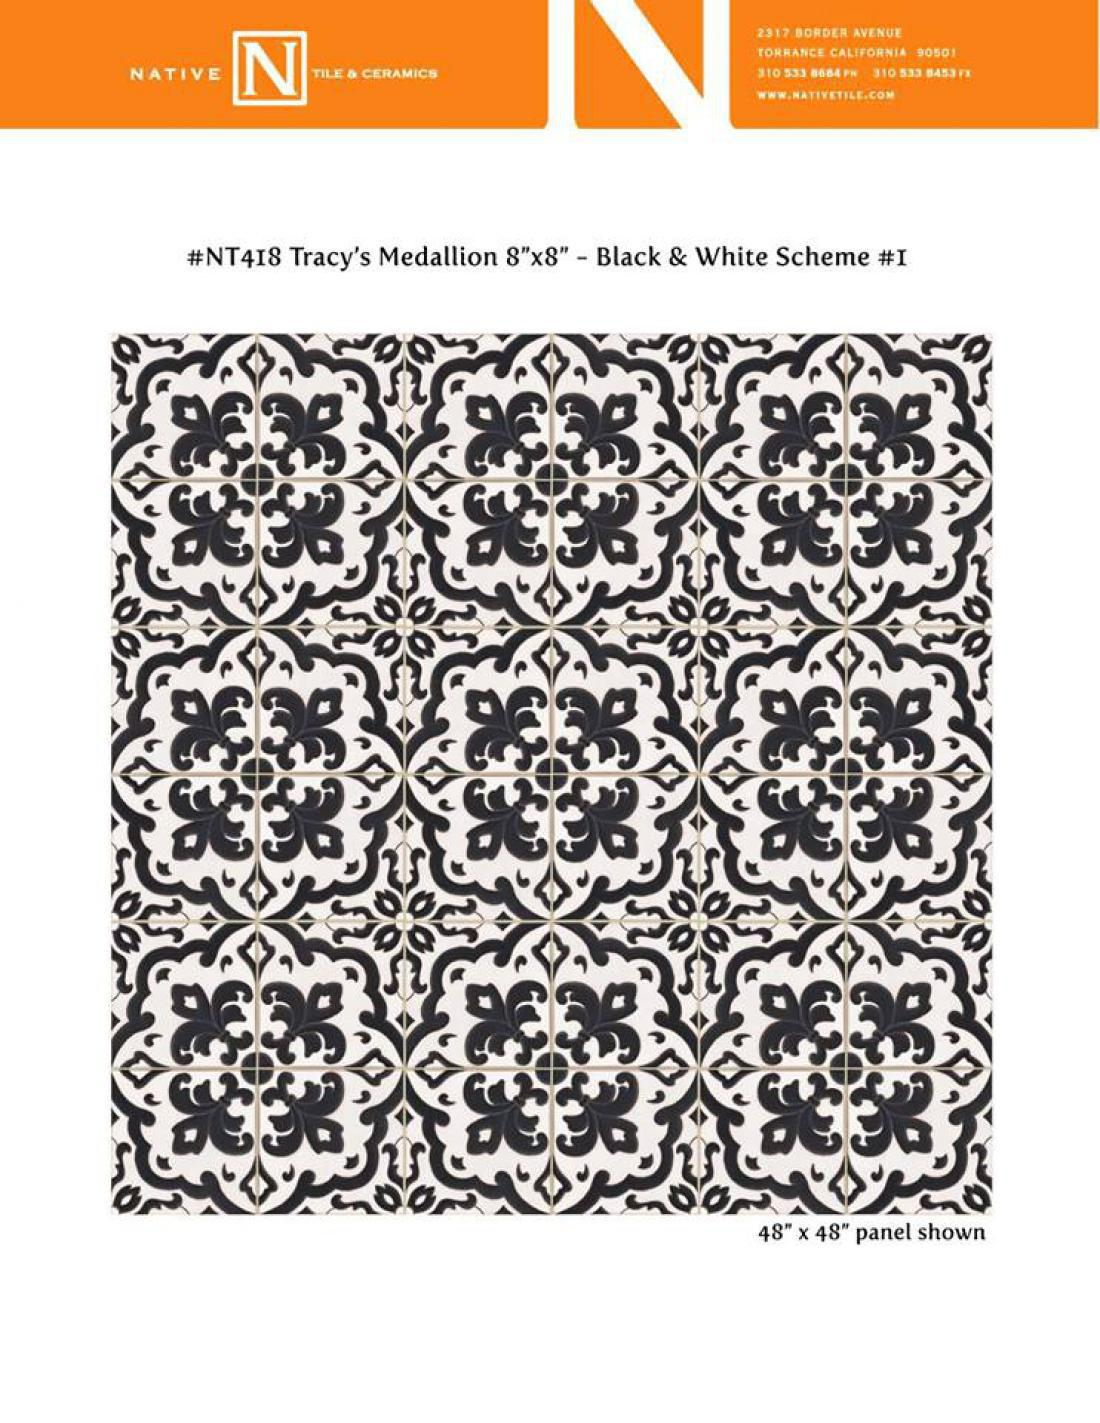 Črno-bele keramične ploščice, ki krasijo kuhinjska tla v hiši Shonde Rhimes. (Foto: Native Tile & Ceramics/Facebook)